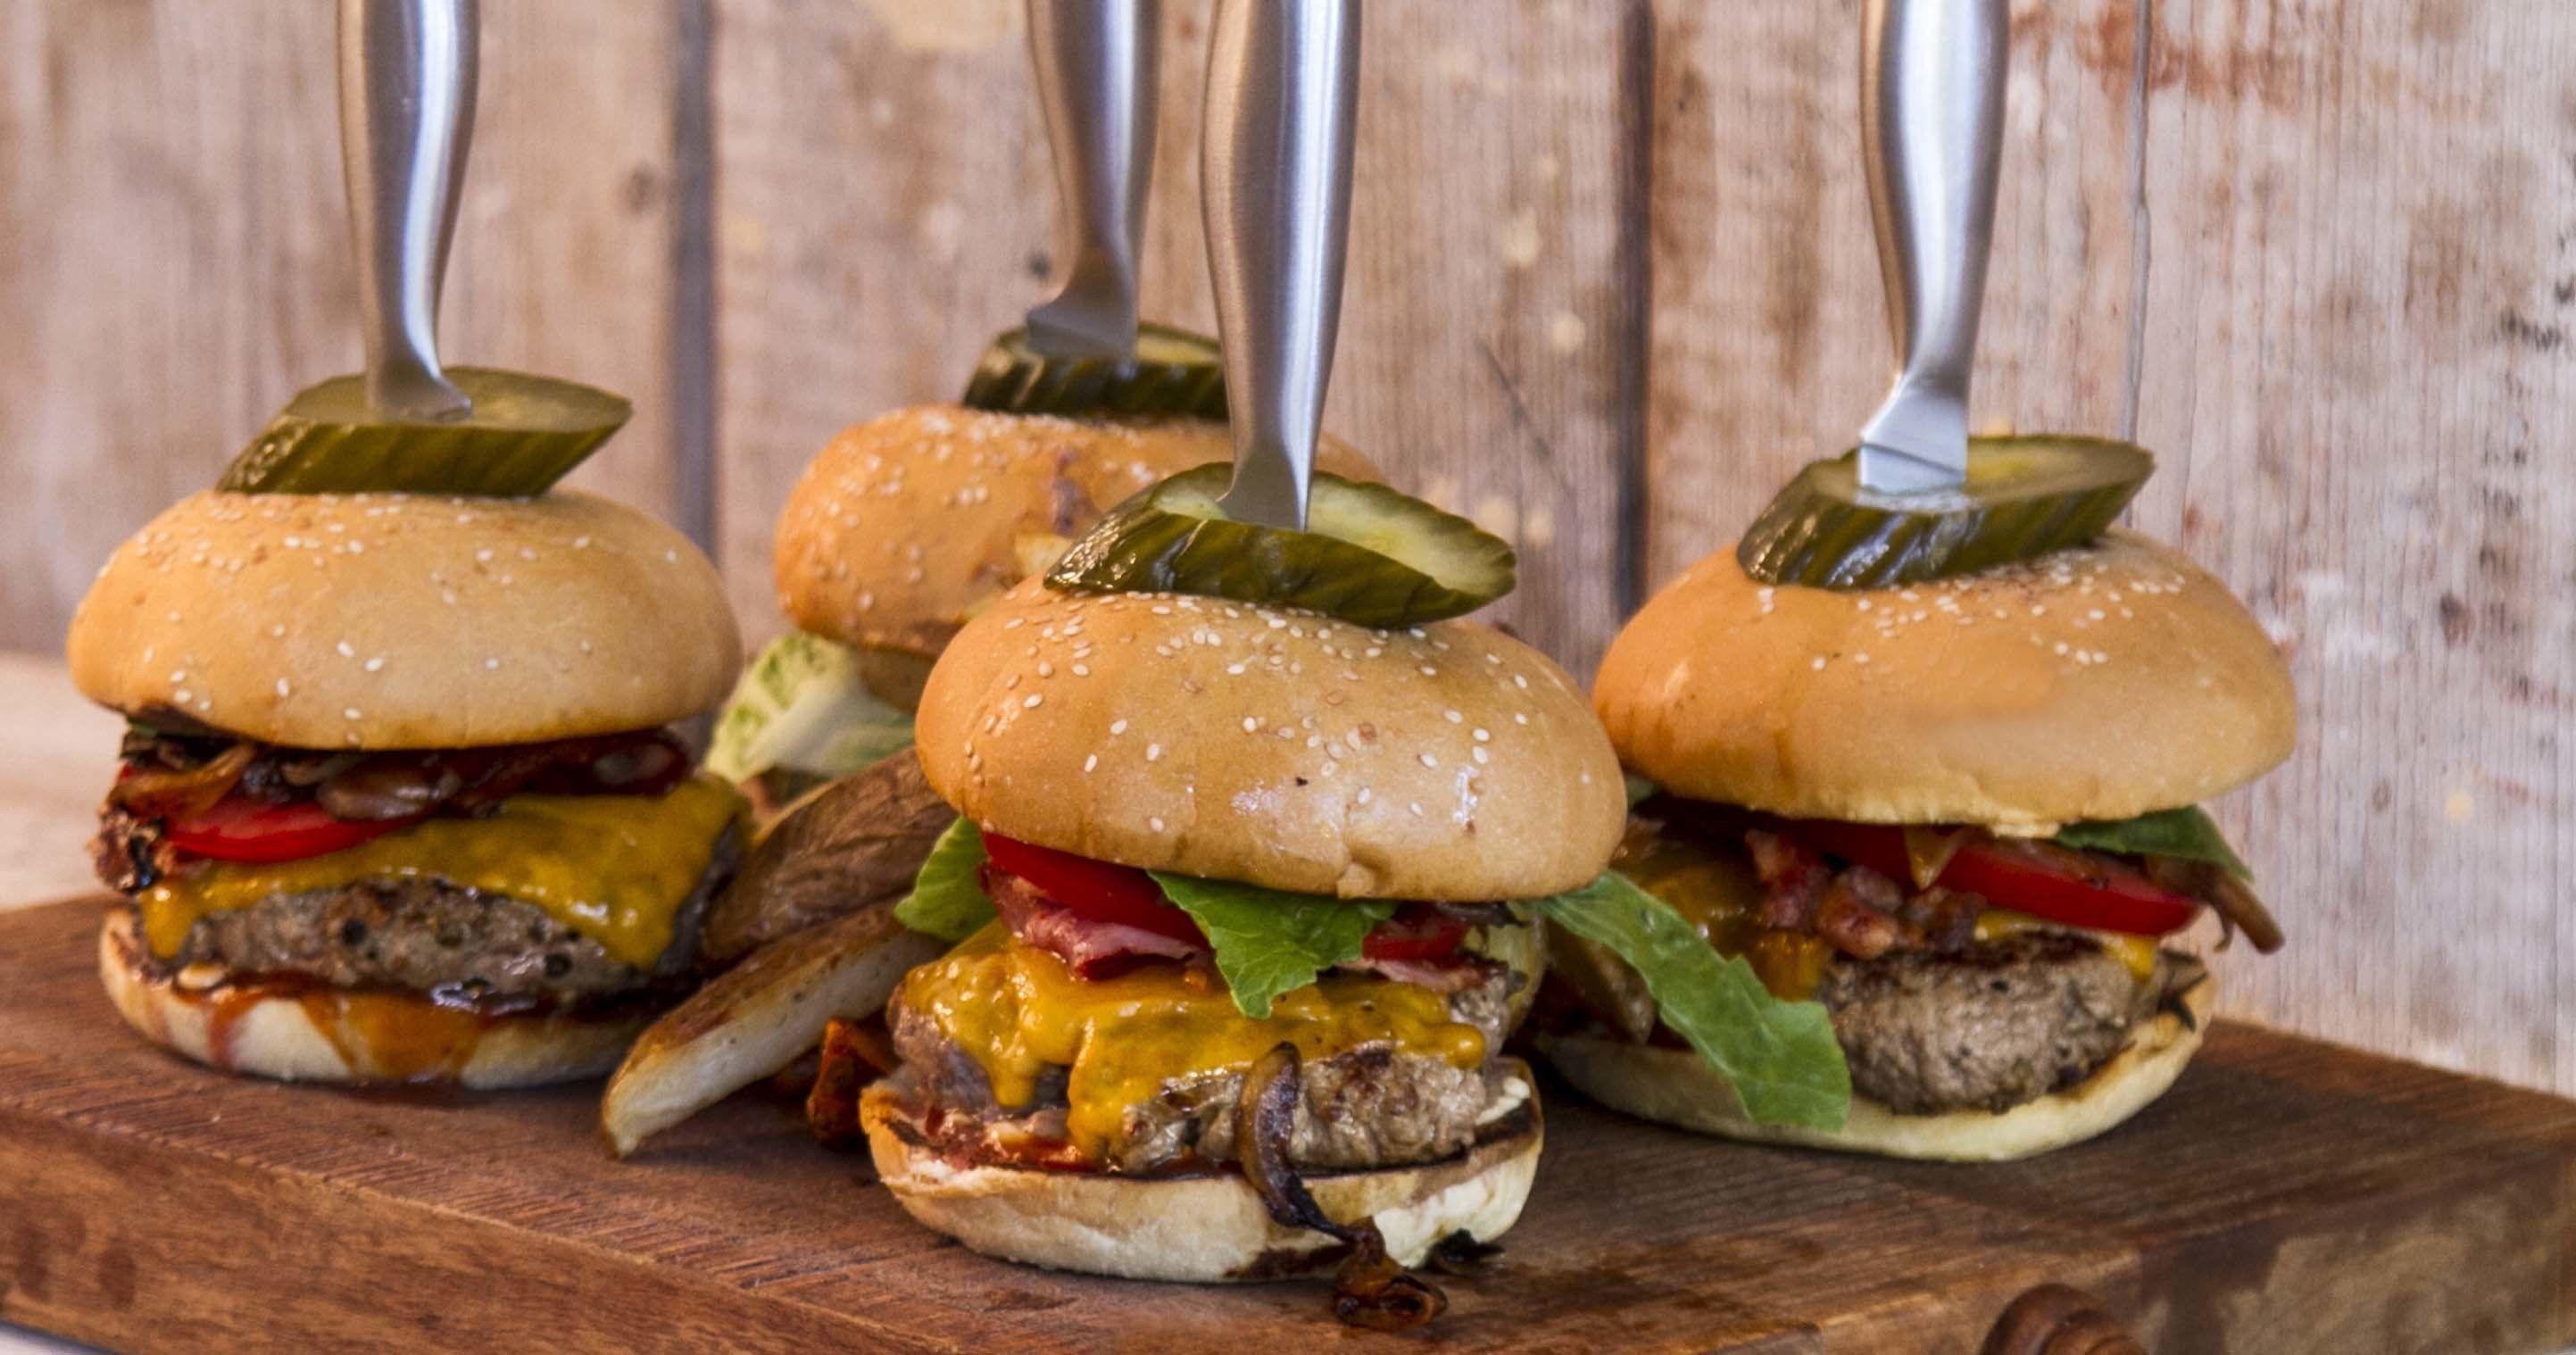 Αποτέλεσμα εικόνας για ακησ πετρετζικησ healthy burger